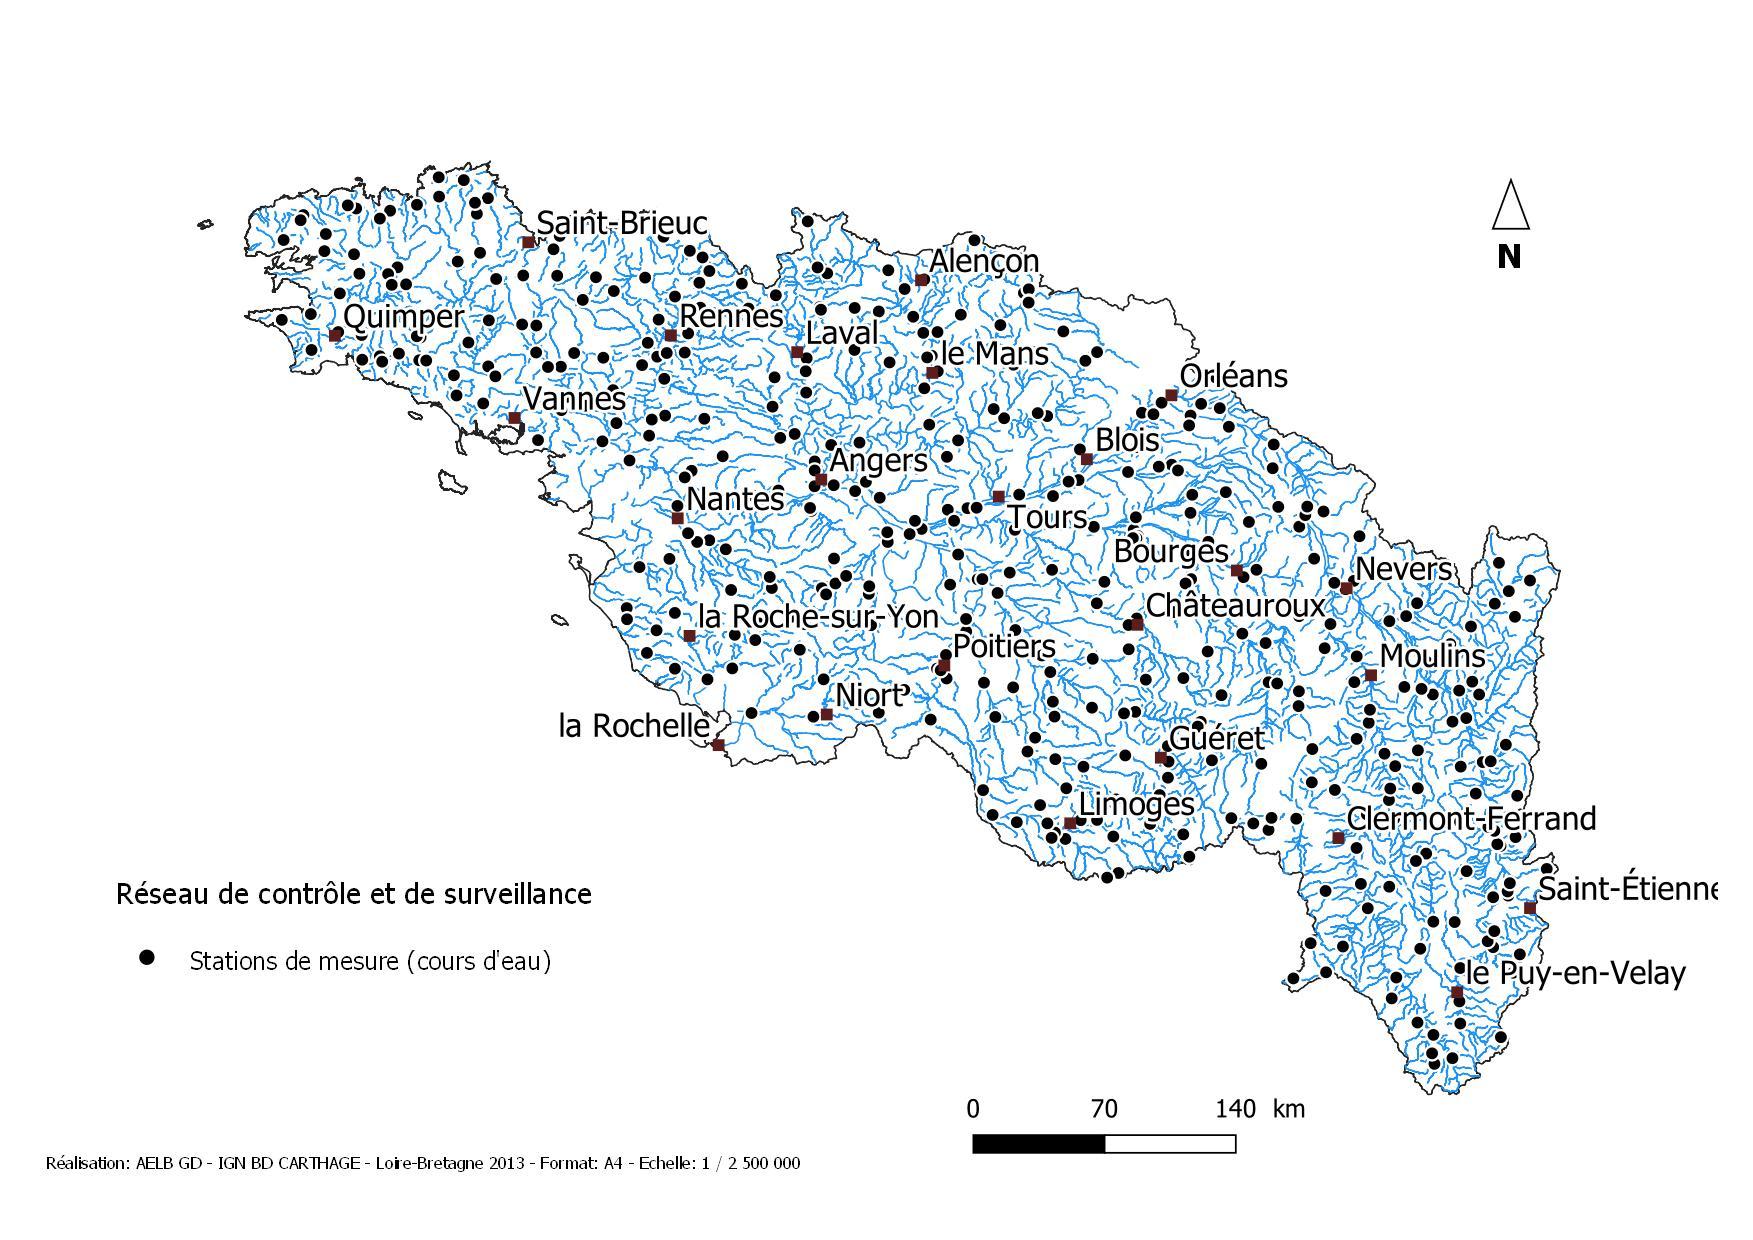 Image de la carte des stations de mesures pour le réseau de contrôle et de surveillance pour les cours d'eau